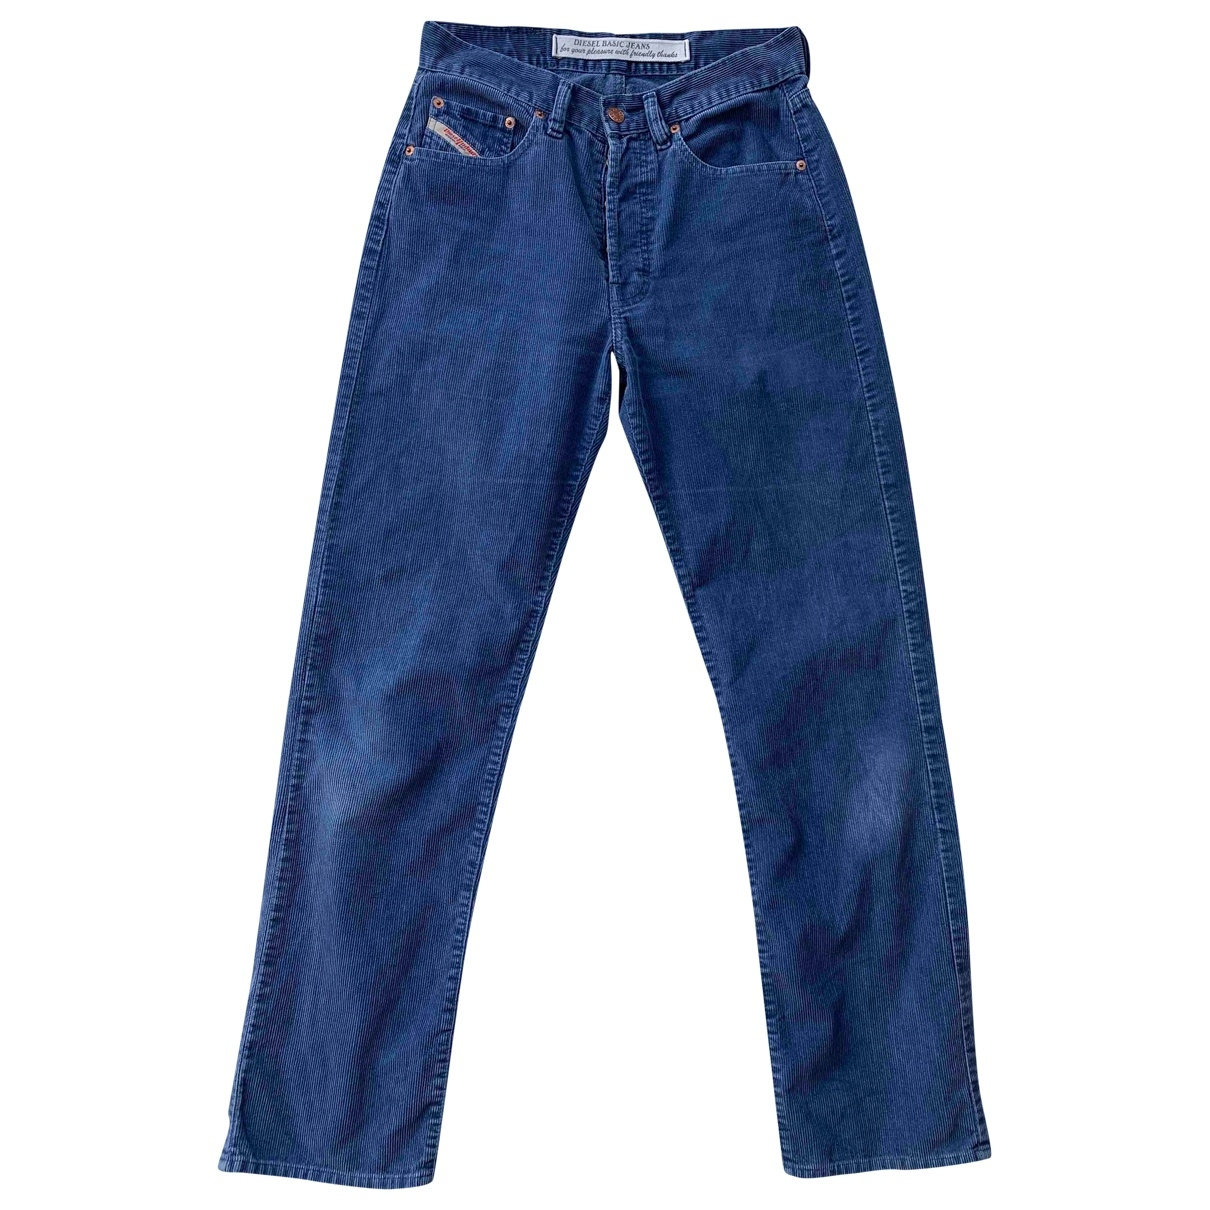 Pantalon de Terciopelo Diesel